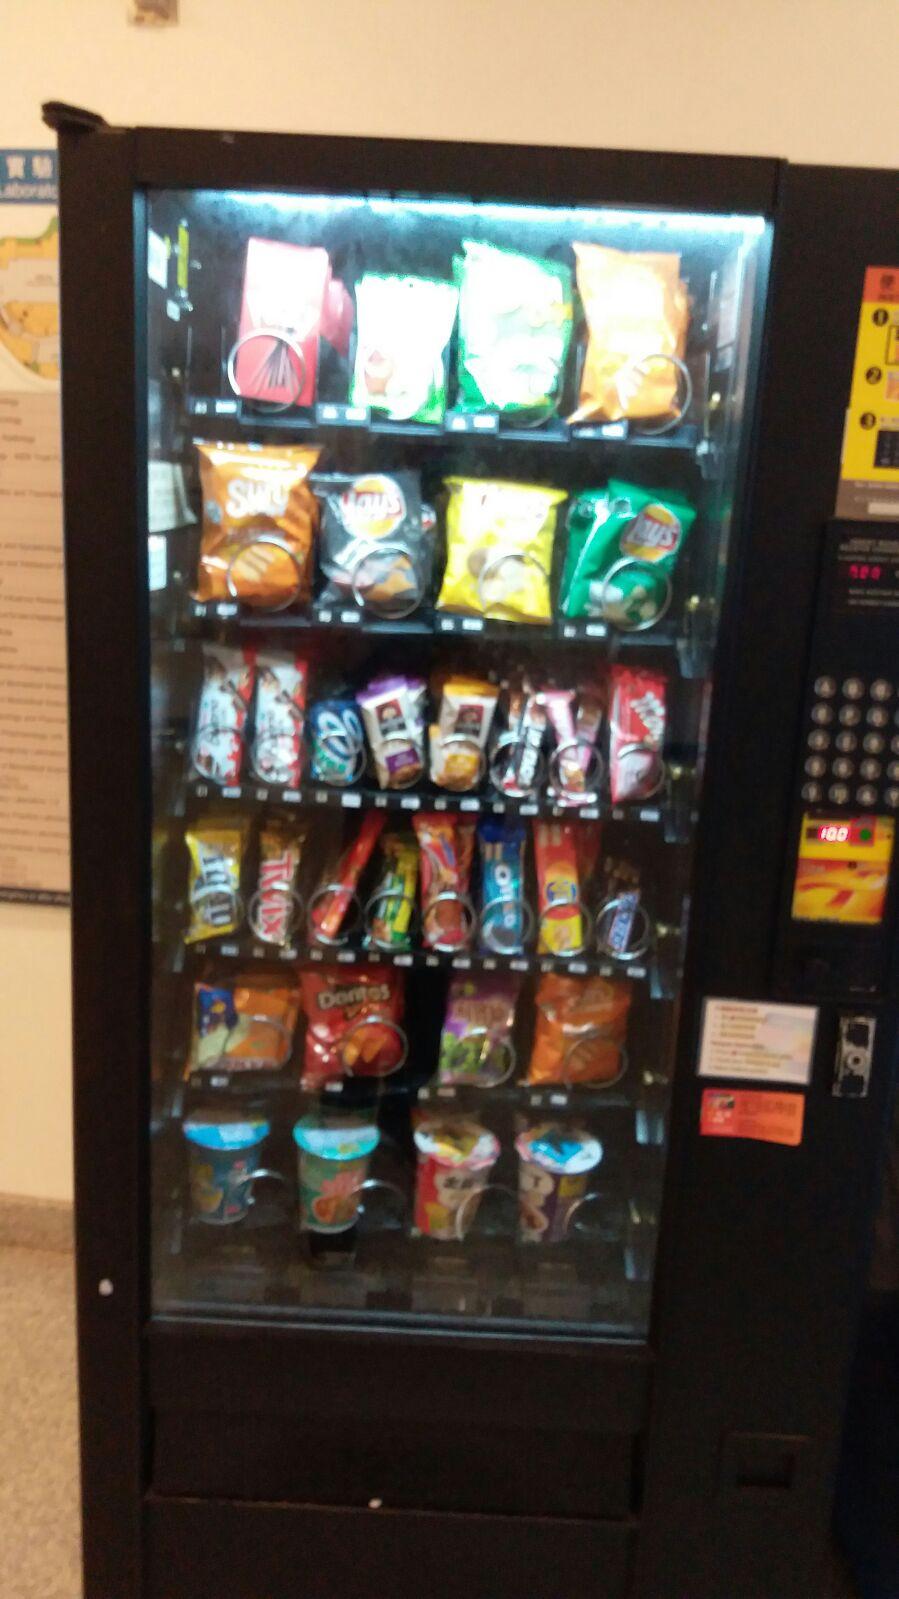 FreshUp,自動售賣機,自動販賣機,零食,飲品,方便,快捷,智能,學校,大學,香港大學